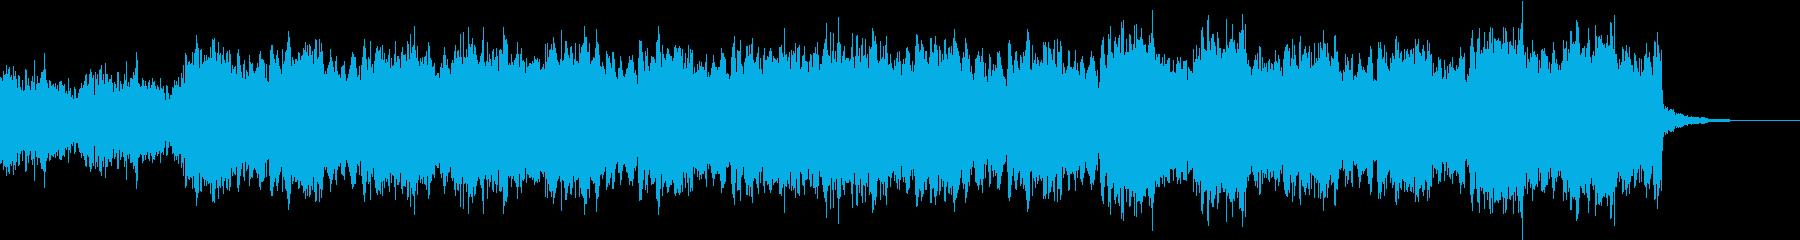 空気感のあるおしゃれジングル3の再生済みの波形